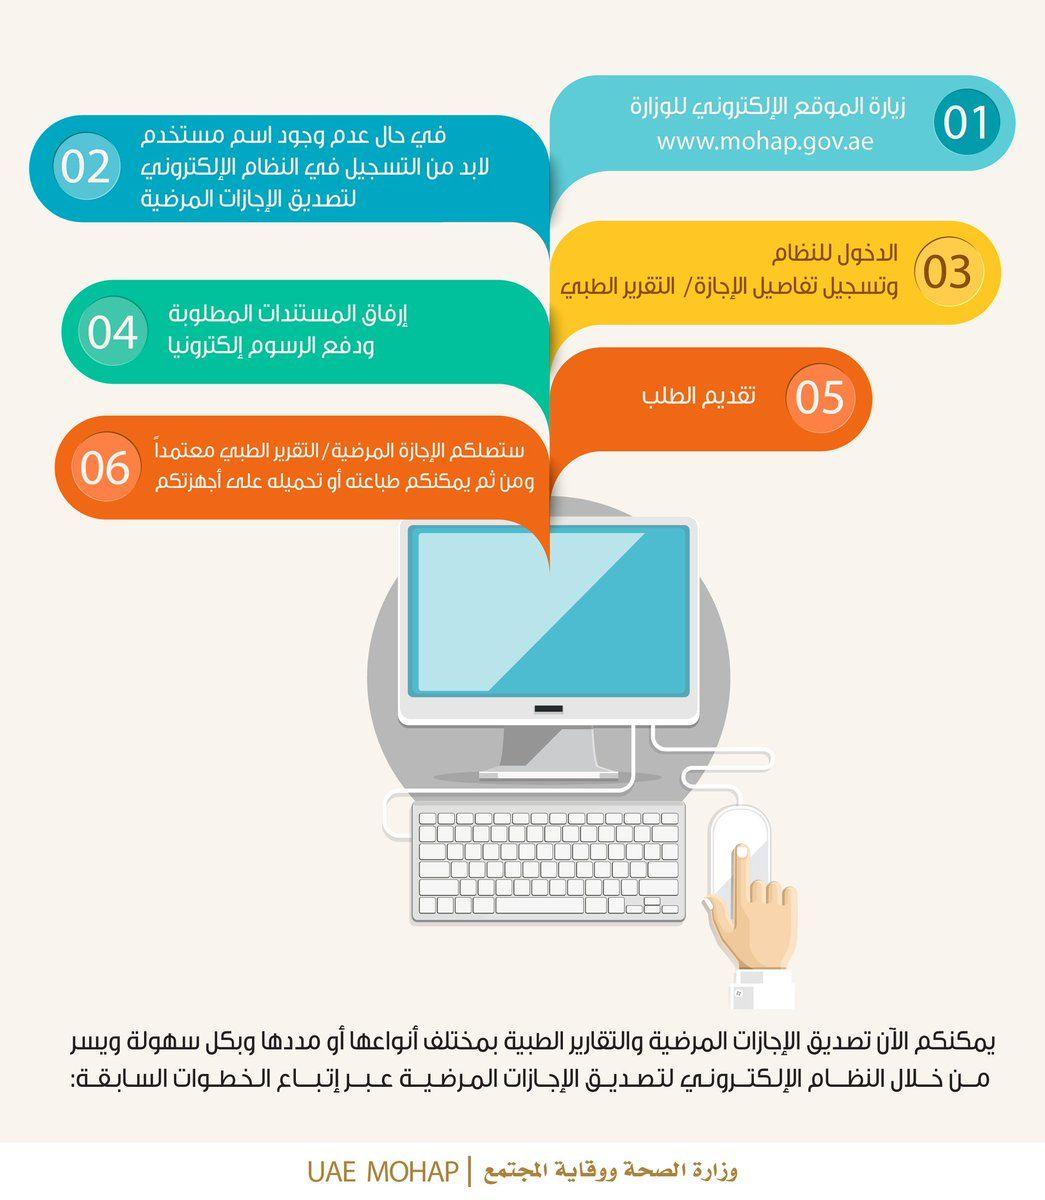 تصديق الإجازات المرضية أقل من 5 أيام وزارة الصحة ووقاية المجتمع الإمارات العربيه المتحدة Service Ios Messenger Burj Khalifa